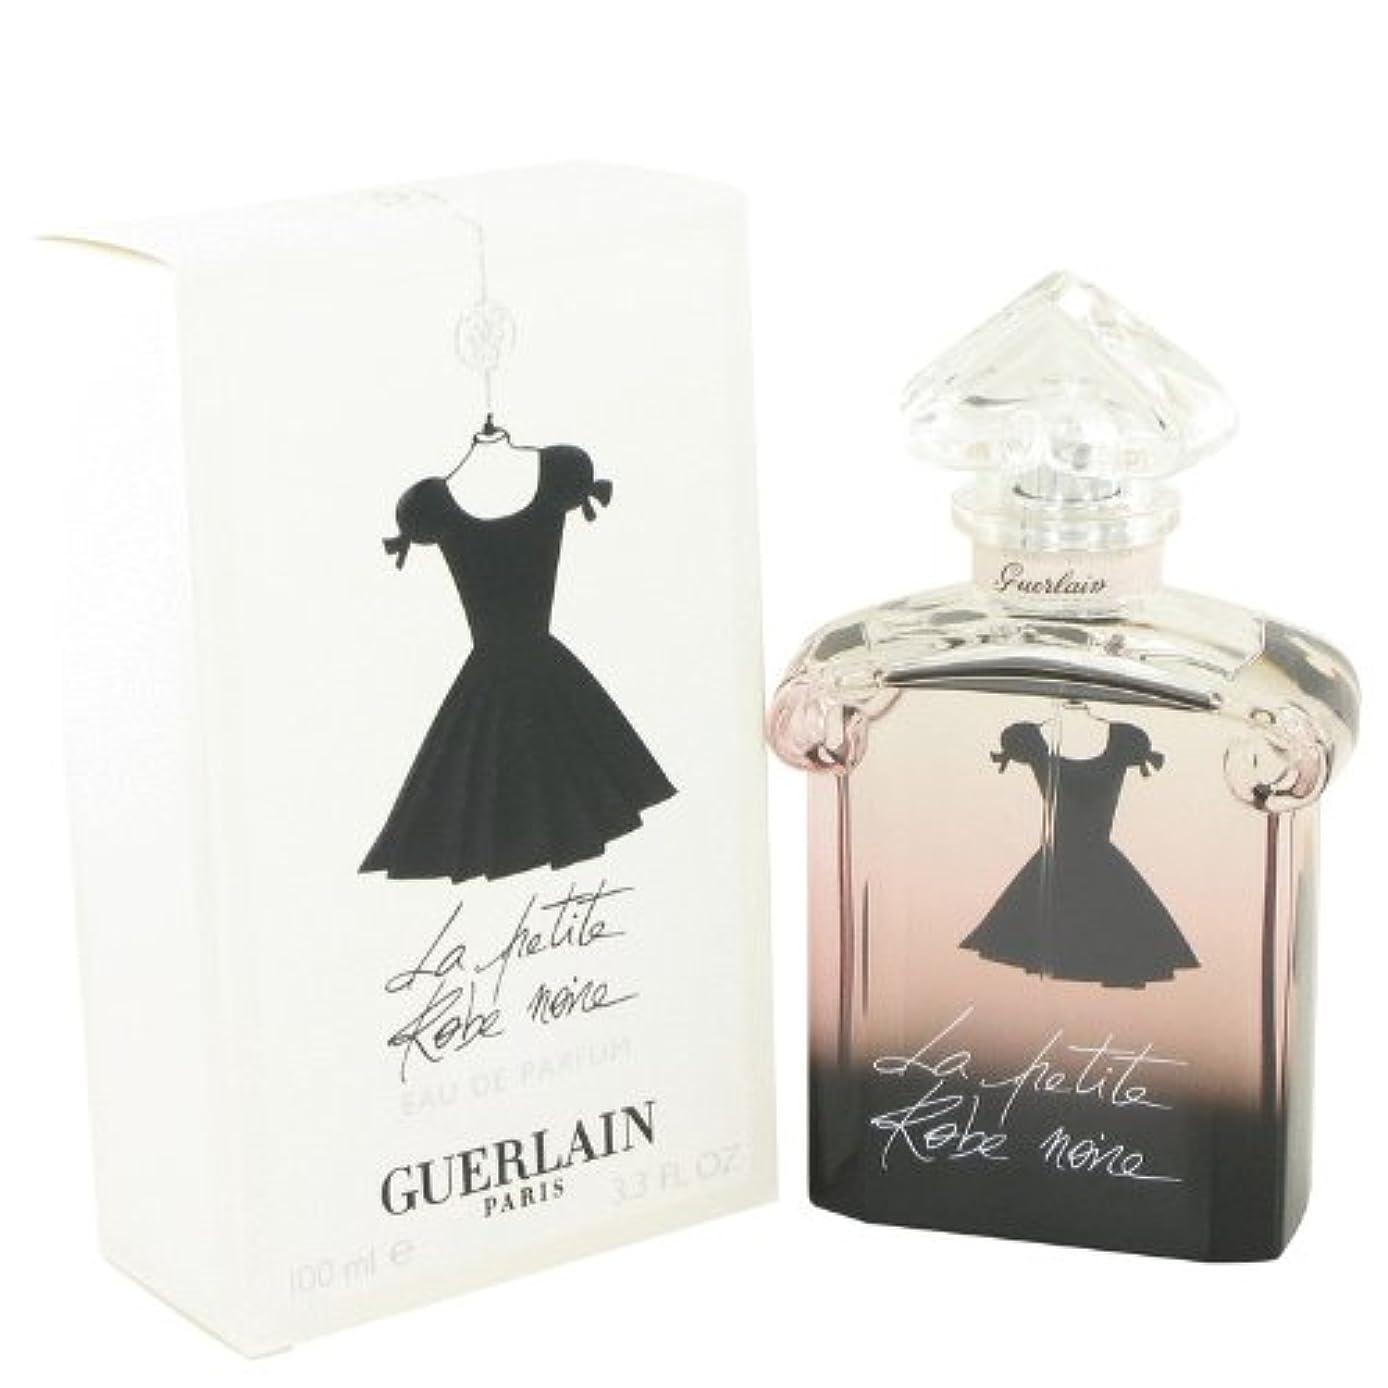 やめる勝利インディカLa Petite Robe Noire (ラ プティ ローブ ノアー) 6.7 oz (200ml) Body Milk by Guerlain for Women